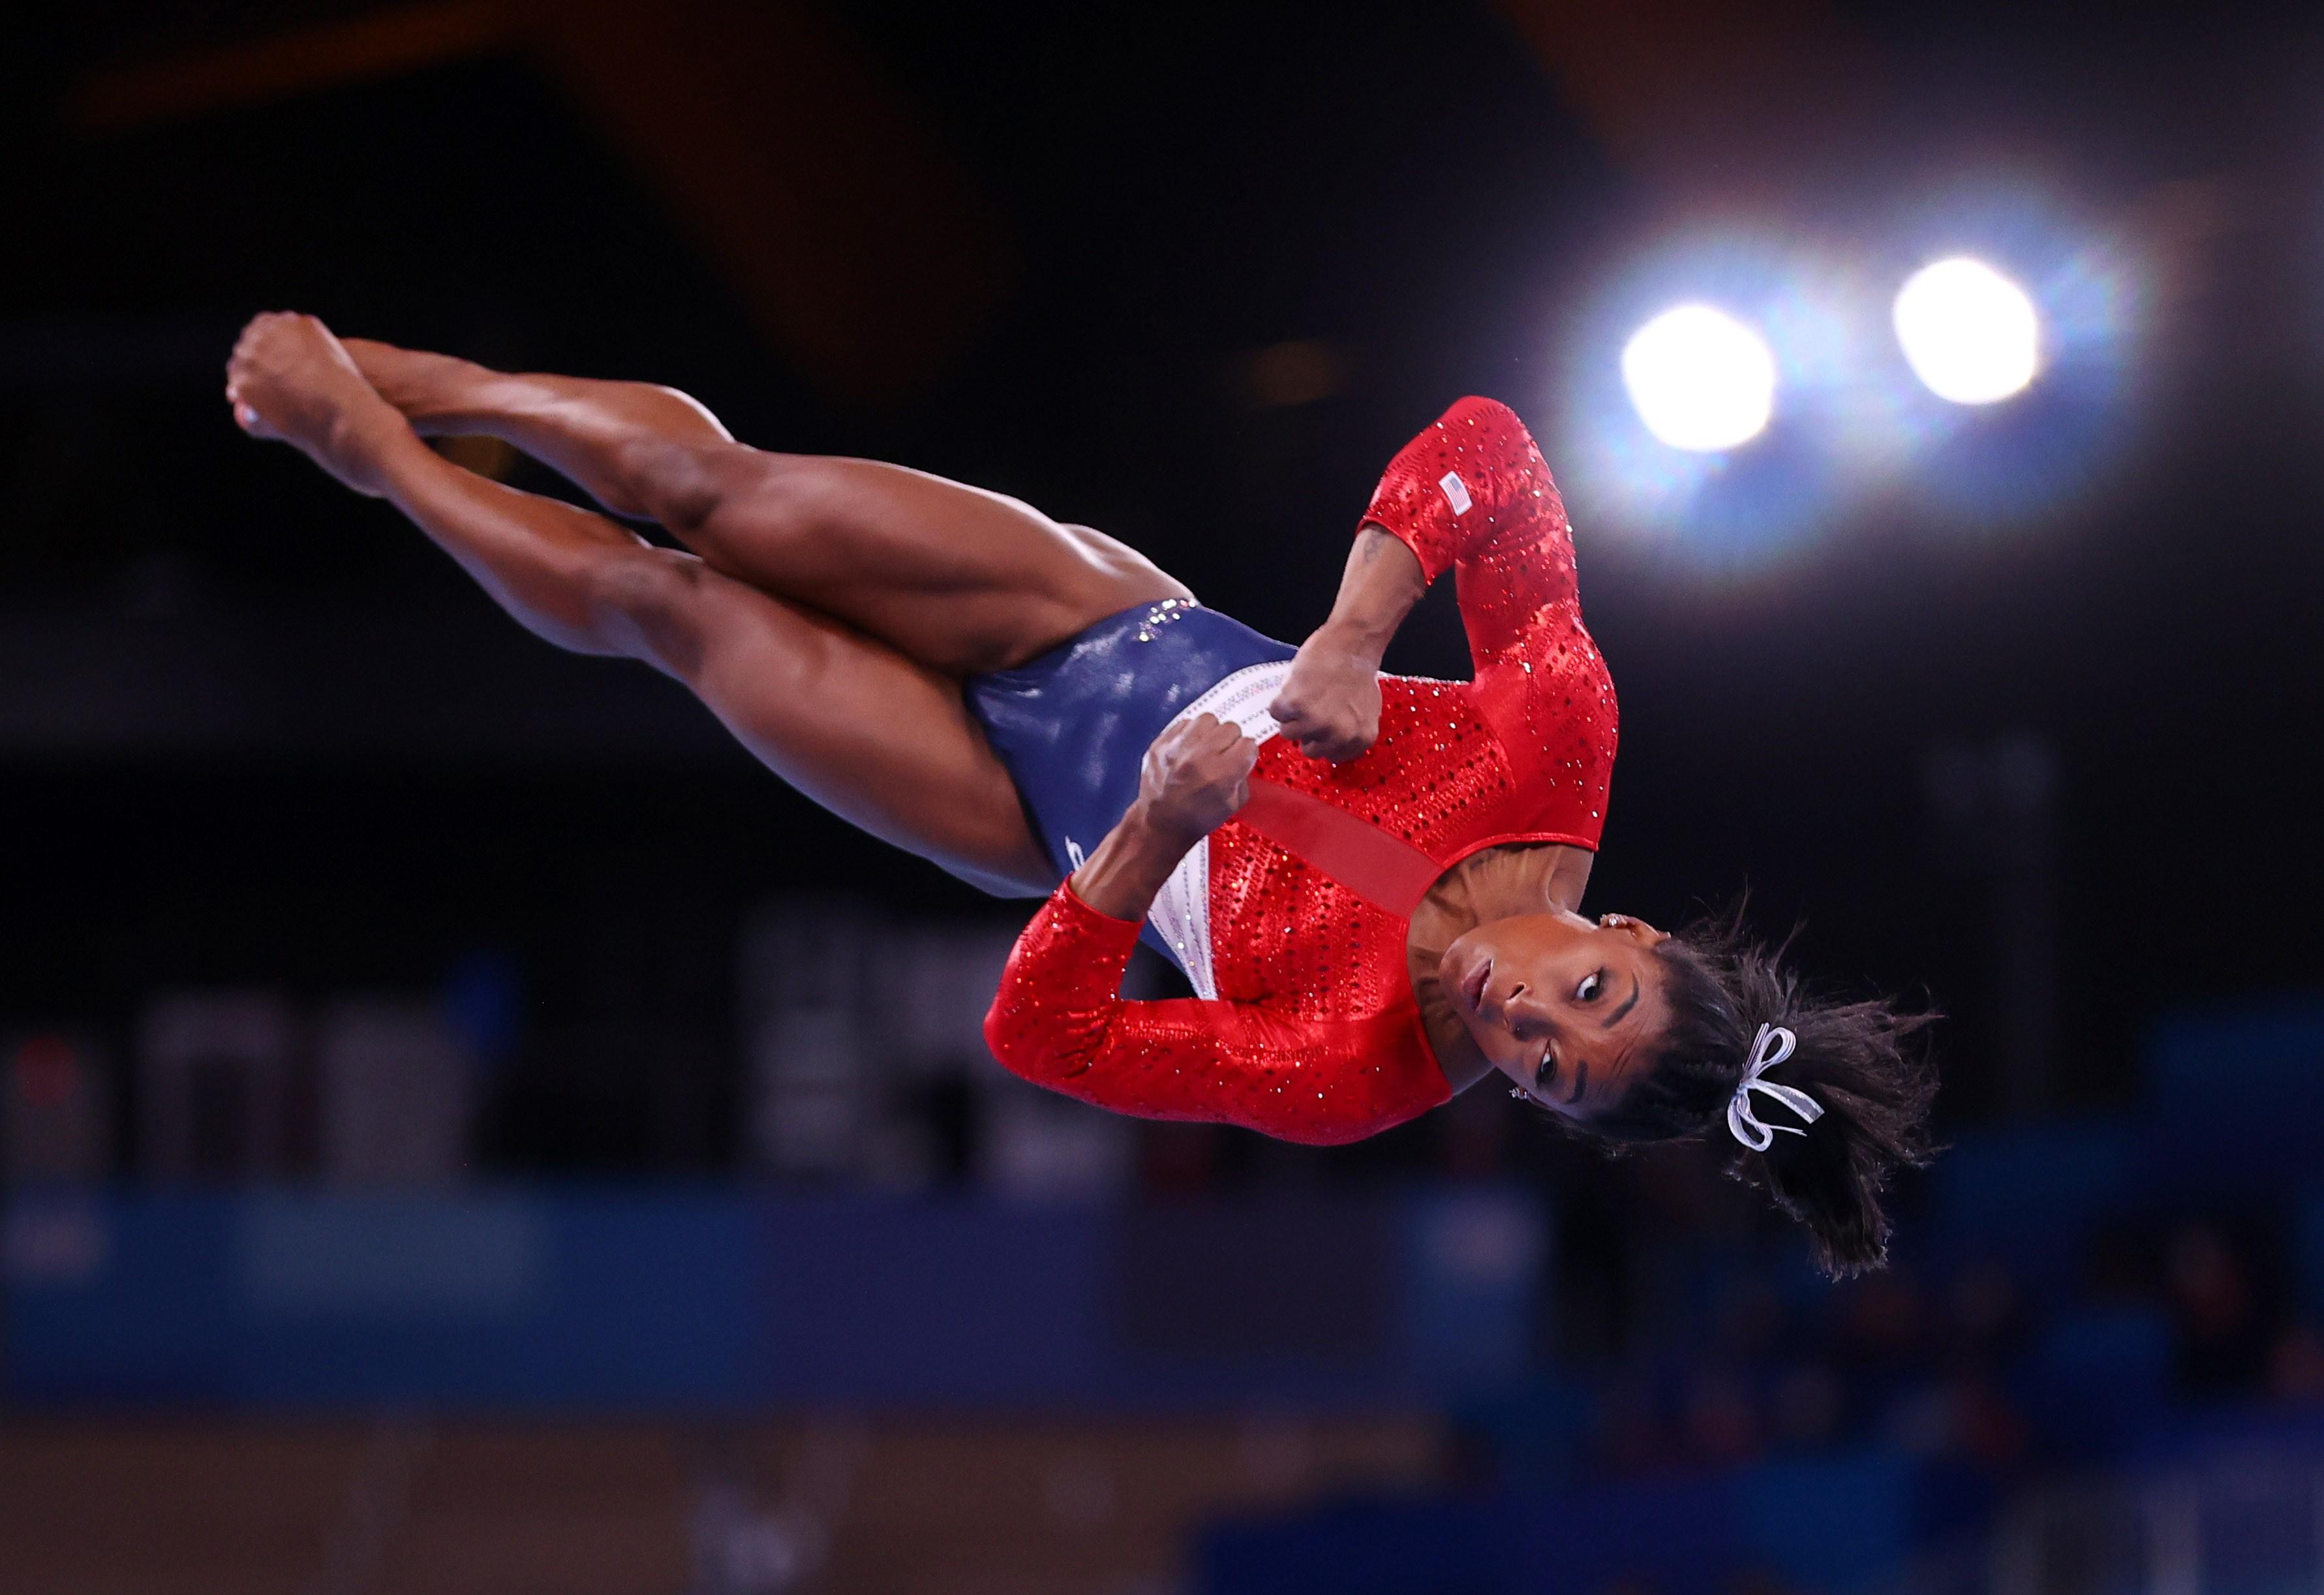 Entenda o que são 'twisties', problema relatado por Simone Biles nas Olimpíadas de Tóquio